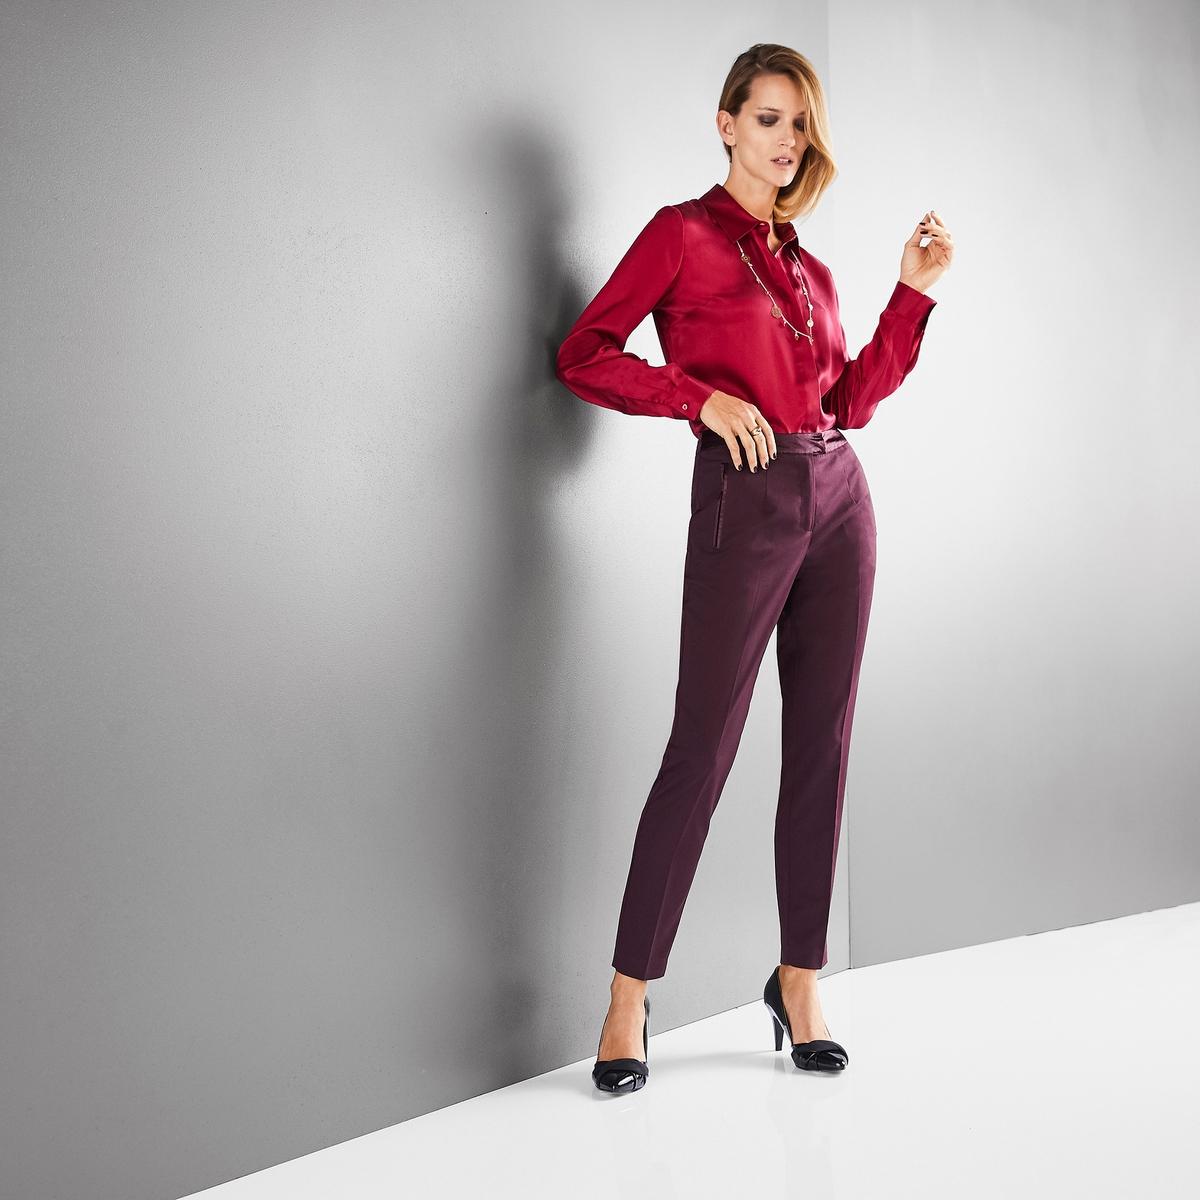 Imagen principal de producto de Camisa 100% seda de manga larga - Anne weyburn